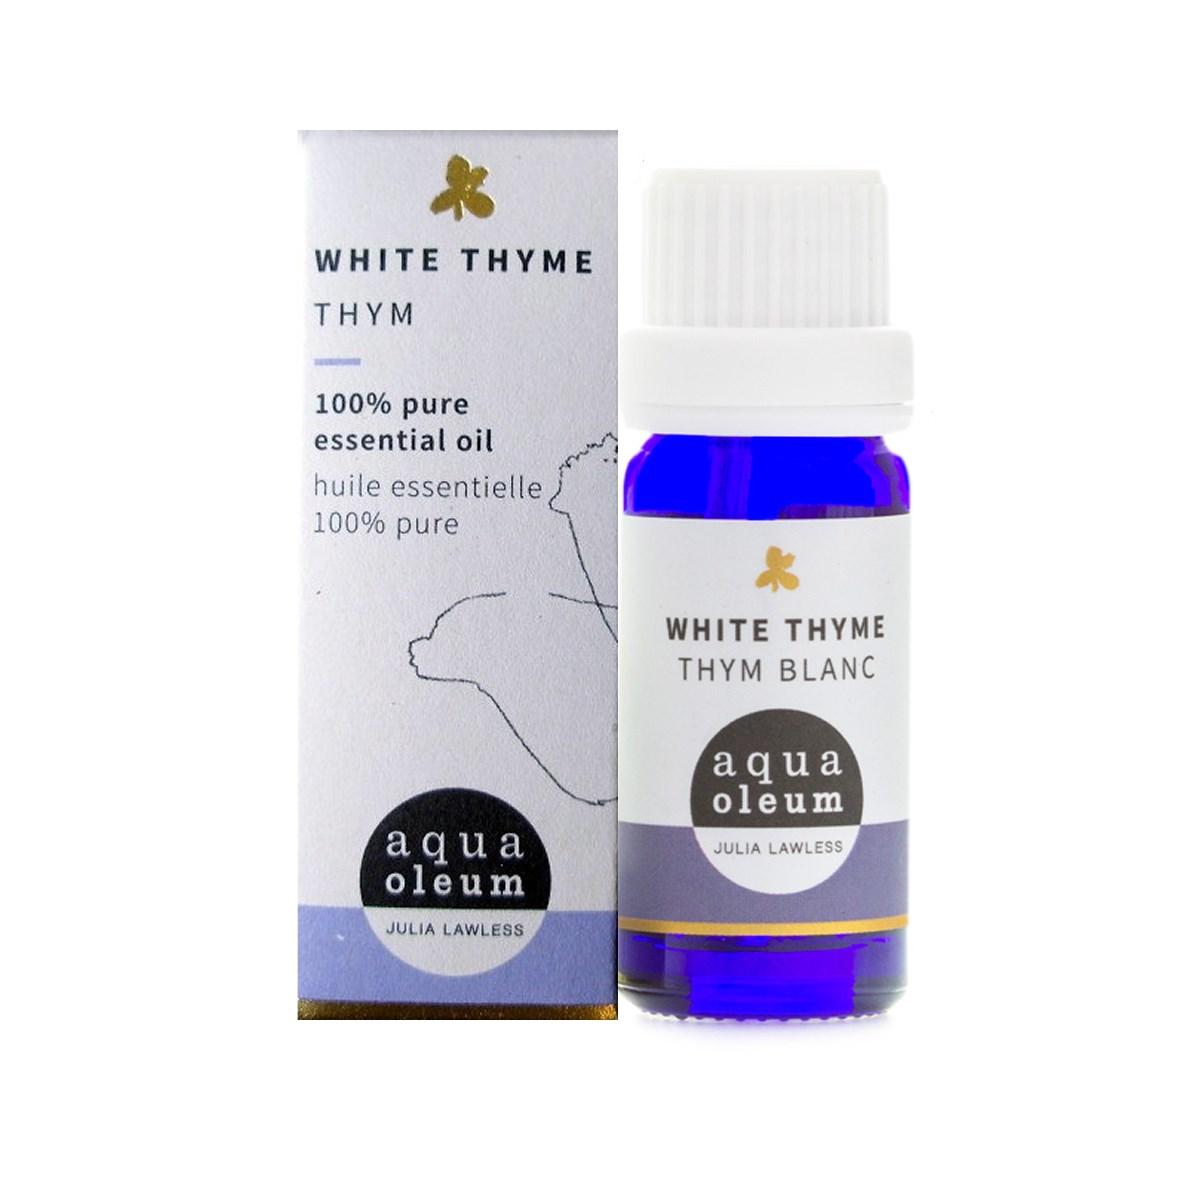 Echemist aqua oleum thyme white pure essential oil aqua oleum thyme white pure essential oil mightylinksfo